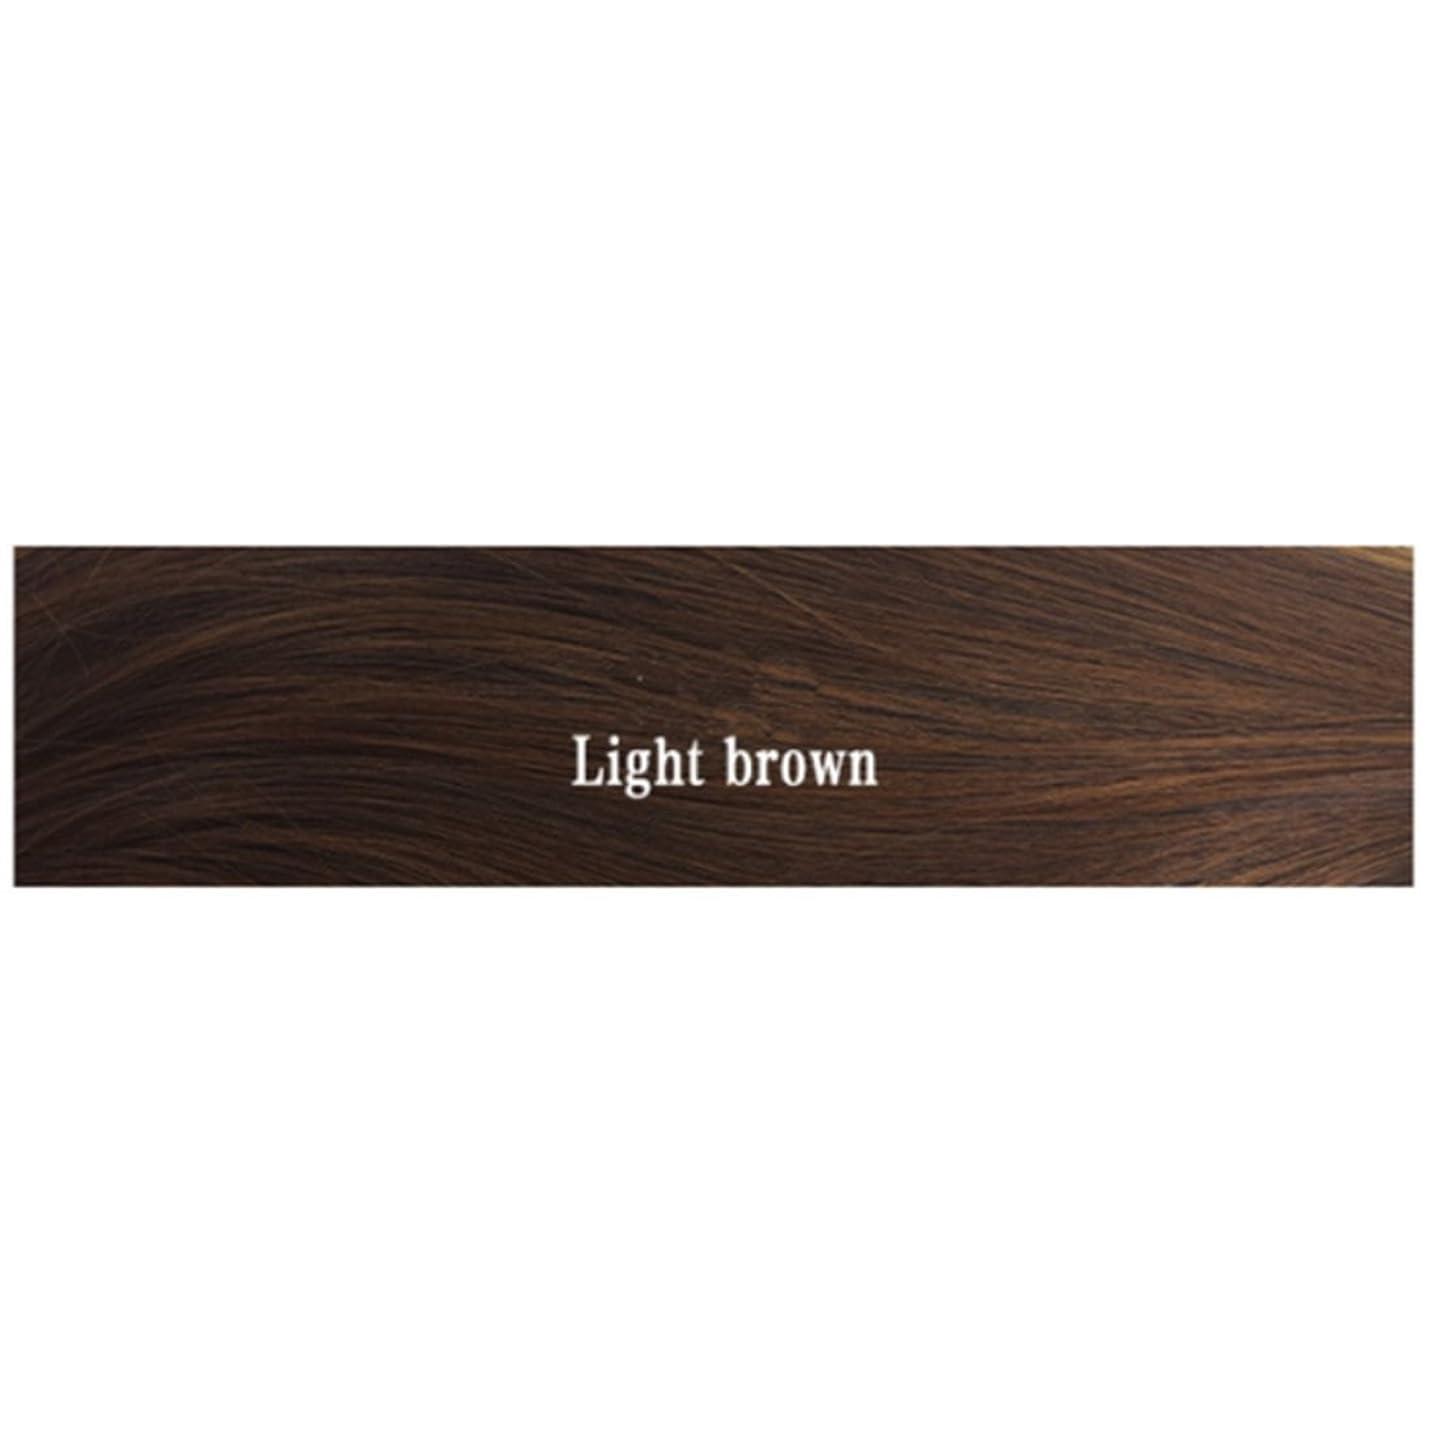 吸う亡命薬用JIANFU 女性 耐熱 長い ストレート ウィッグ 人間の髪 フラット バンズ ウィッグ ナチュラル カラー パーティ 220g (Color : Light brown)